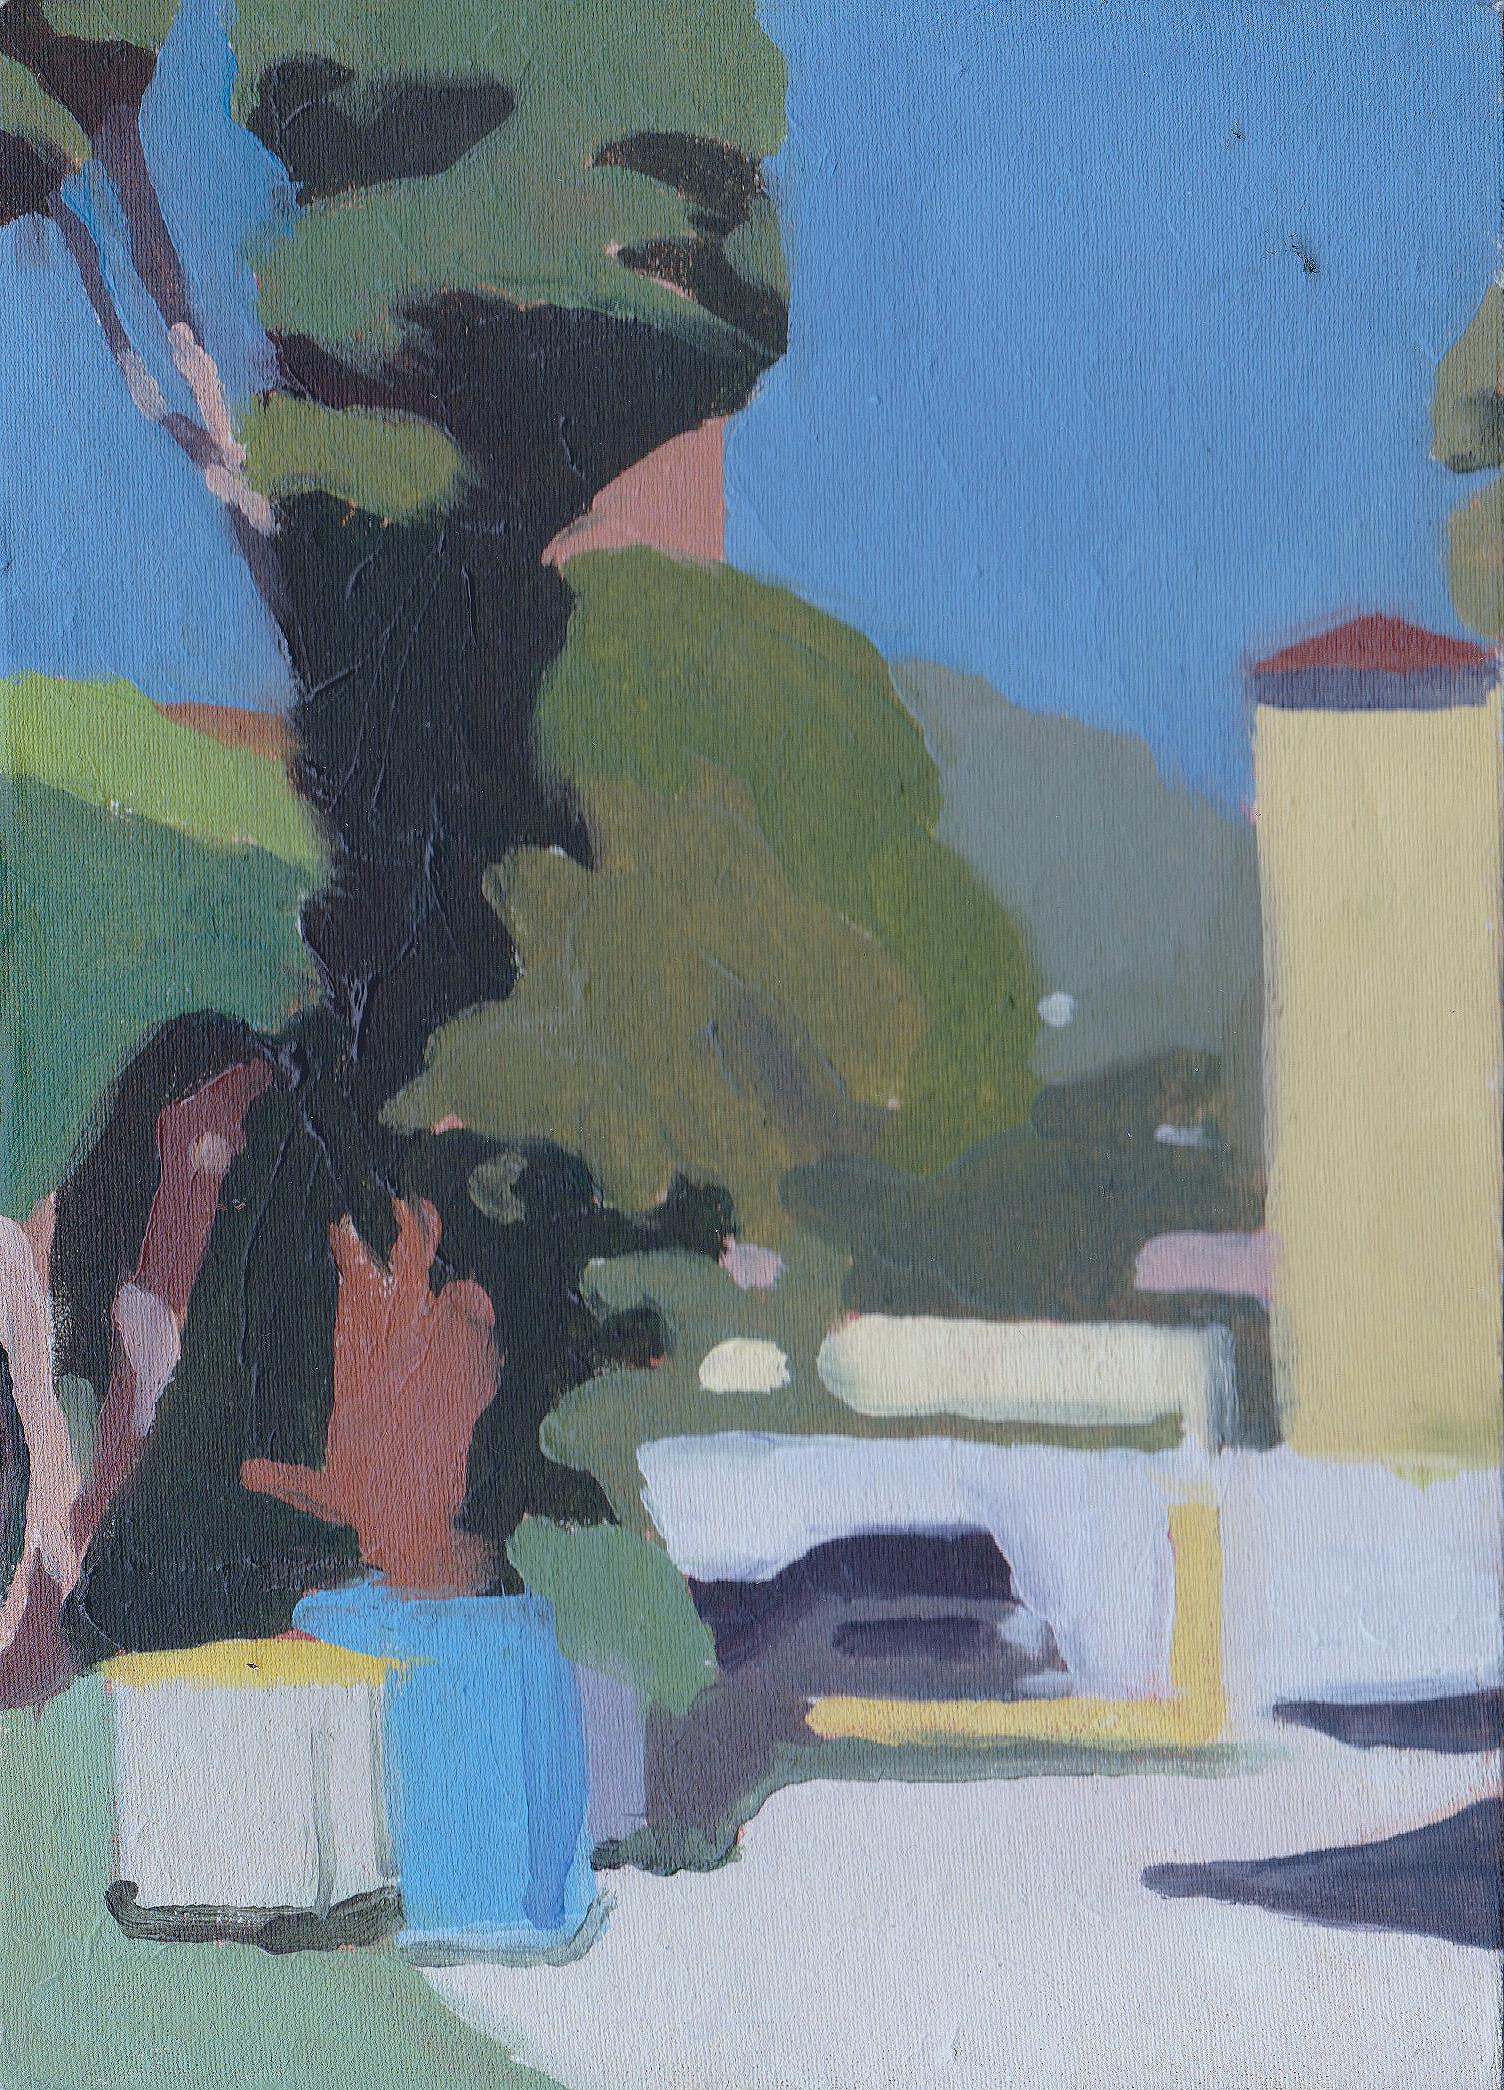 Viale dei cipressi , 2015 Oil on Panel 7 x 5 in.